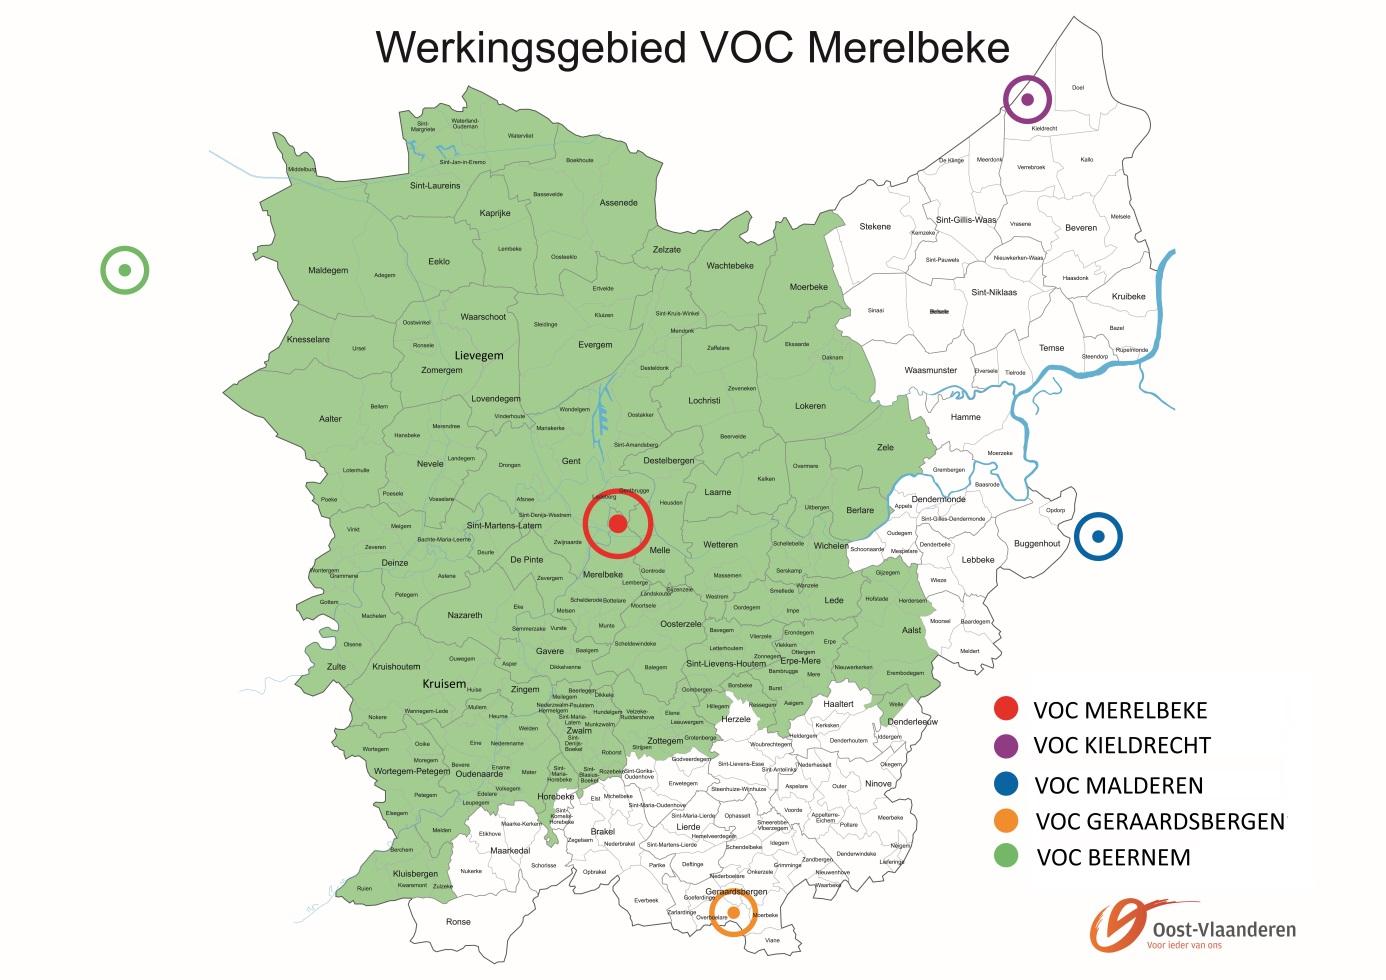 Ter illustratie, het werkingsgebied van VOC Merelbeke